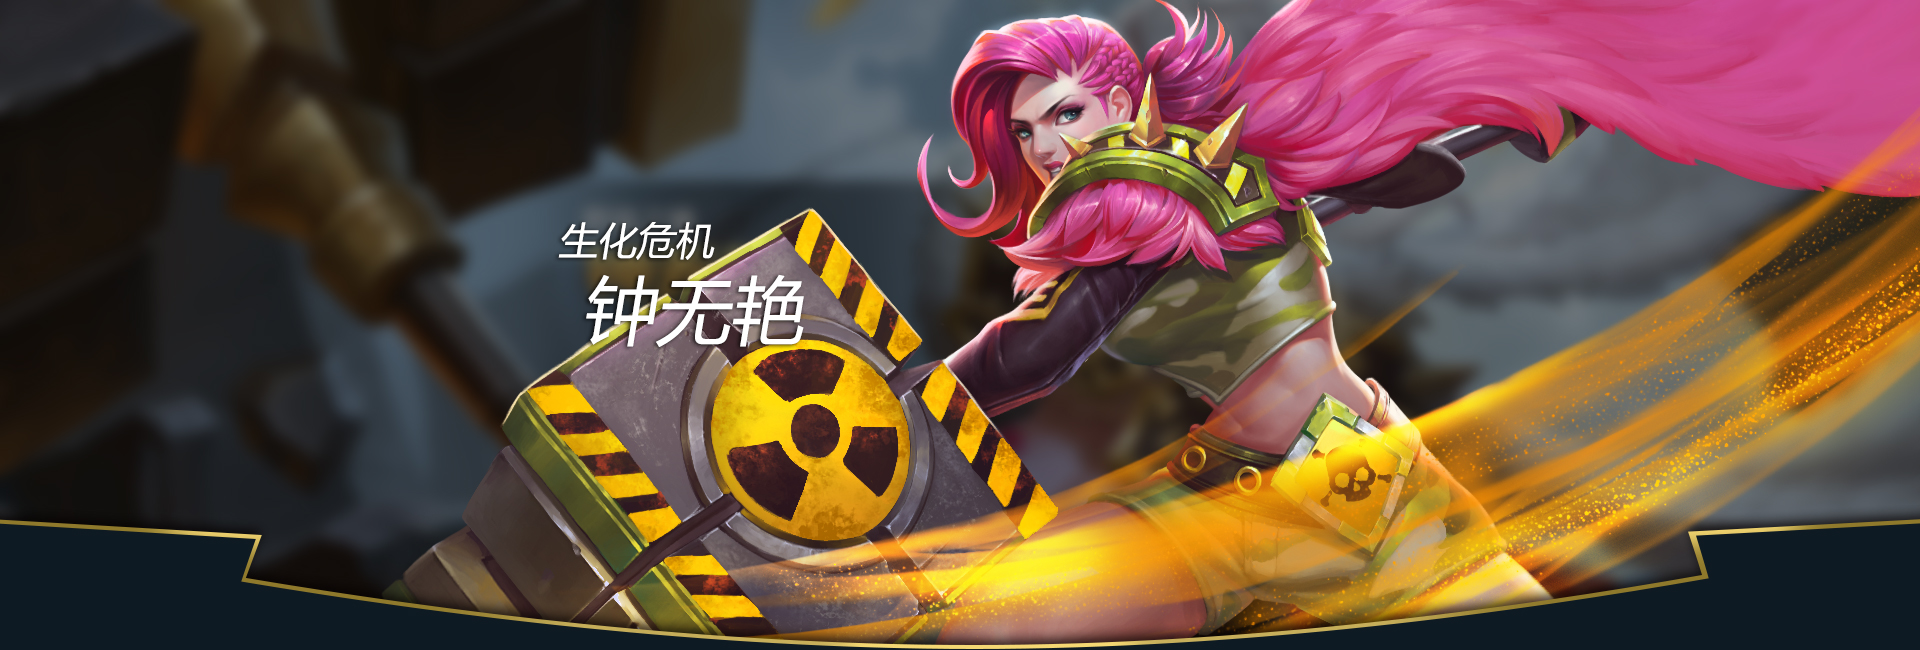 第2弹《王者荣耀英雄皮肤CG》竞技游戏137